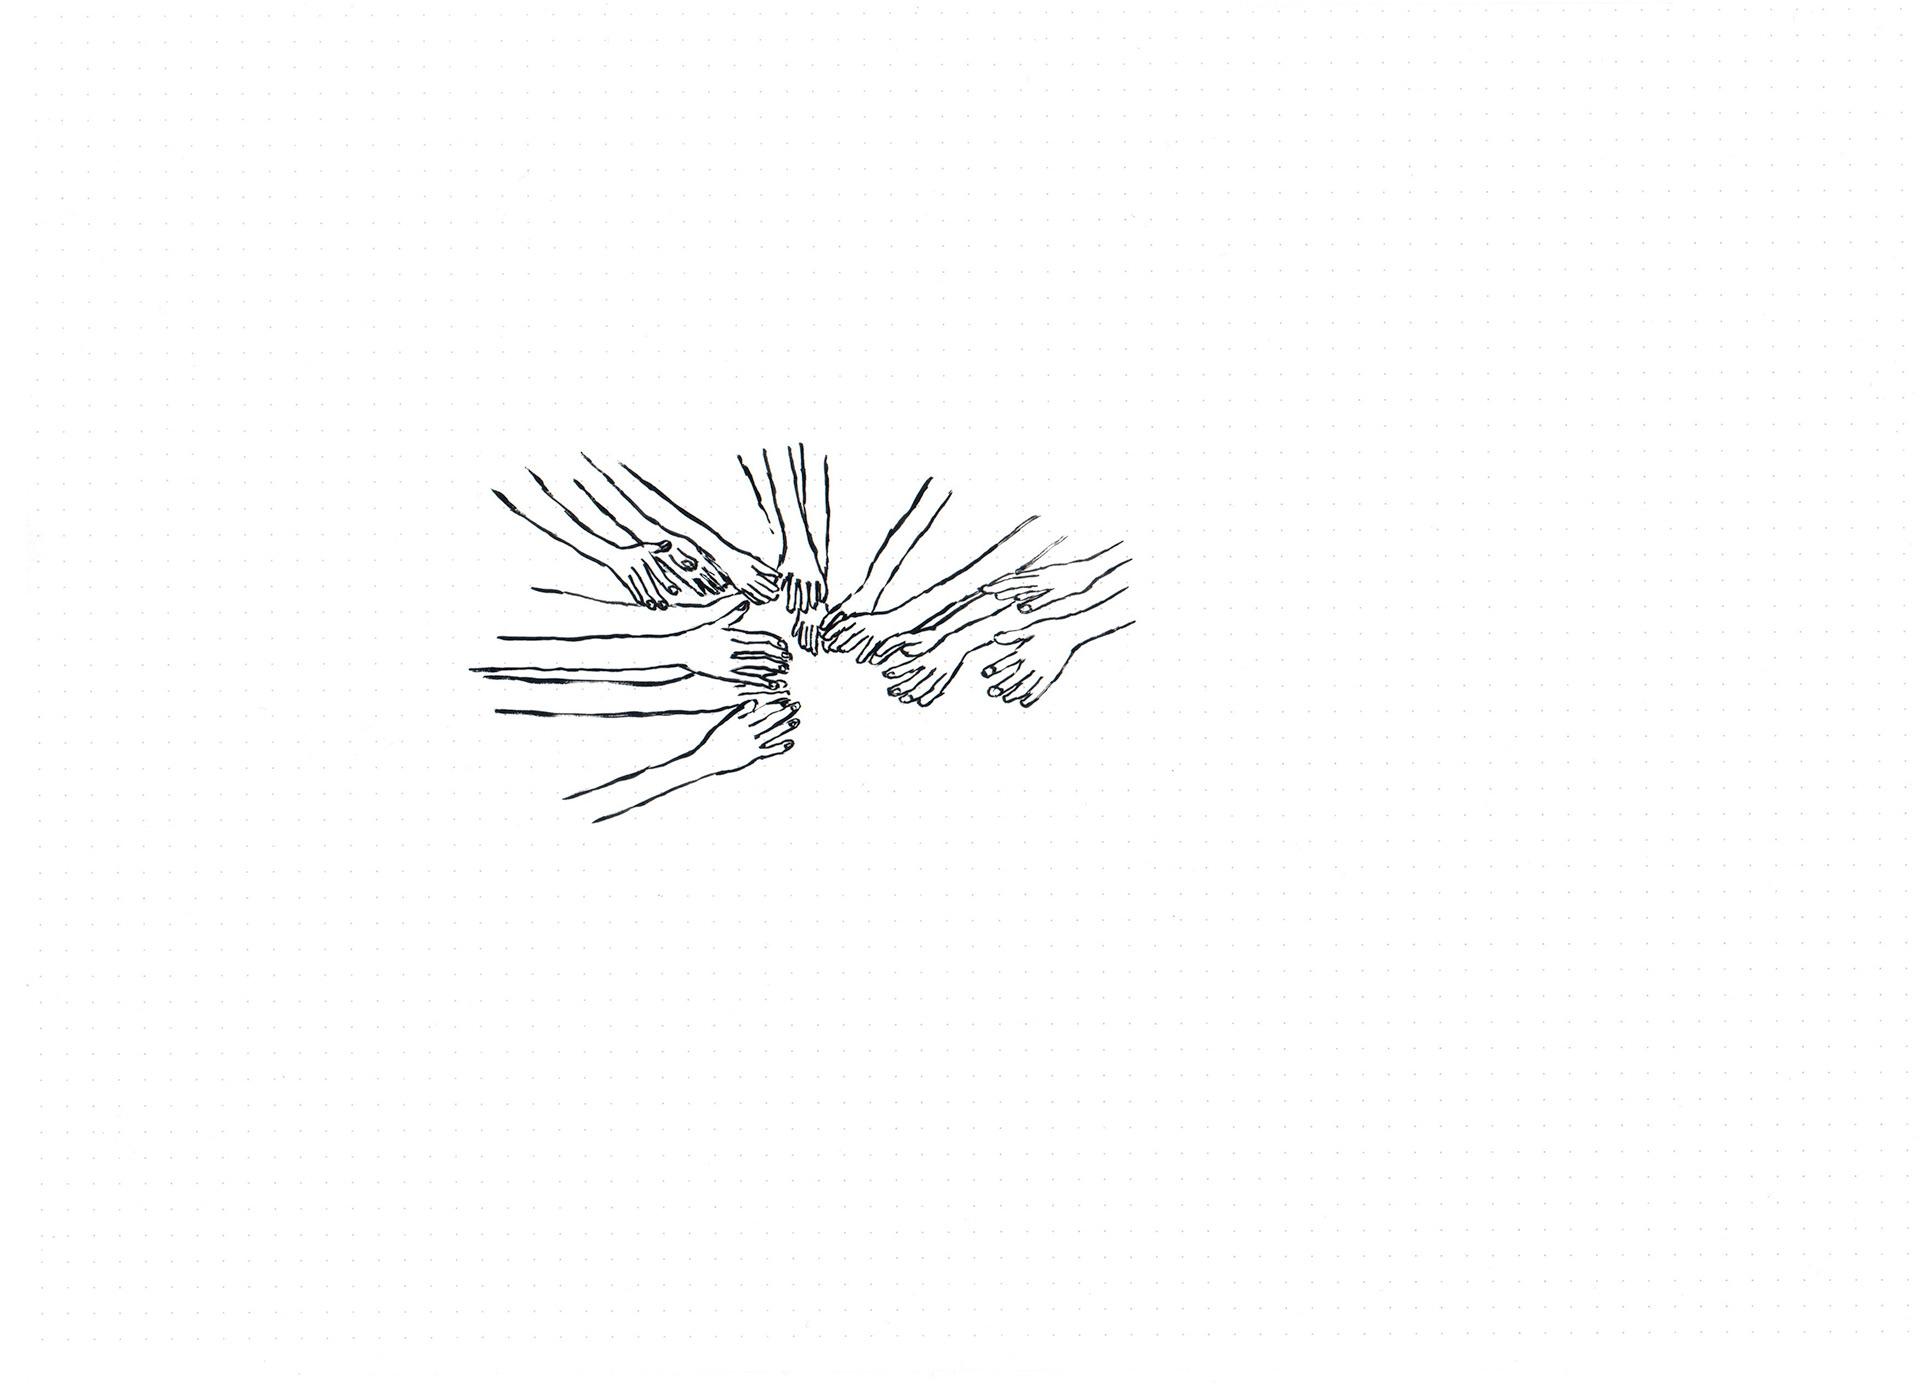 Anita Groener - citizen drawings